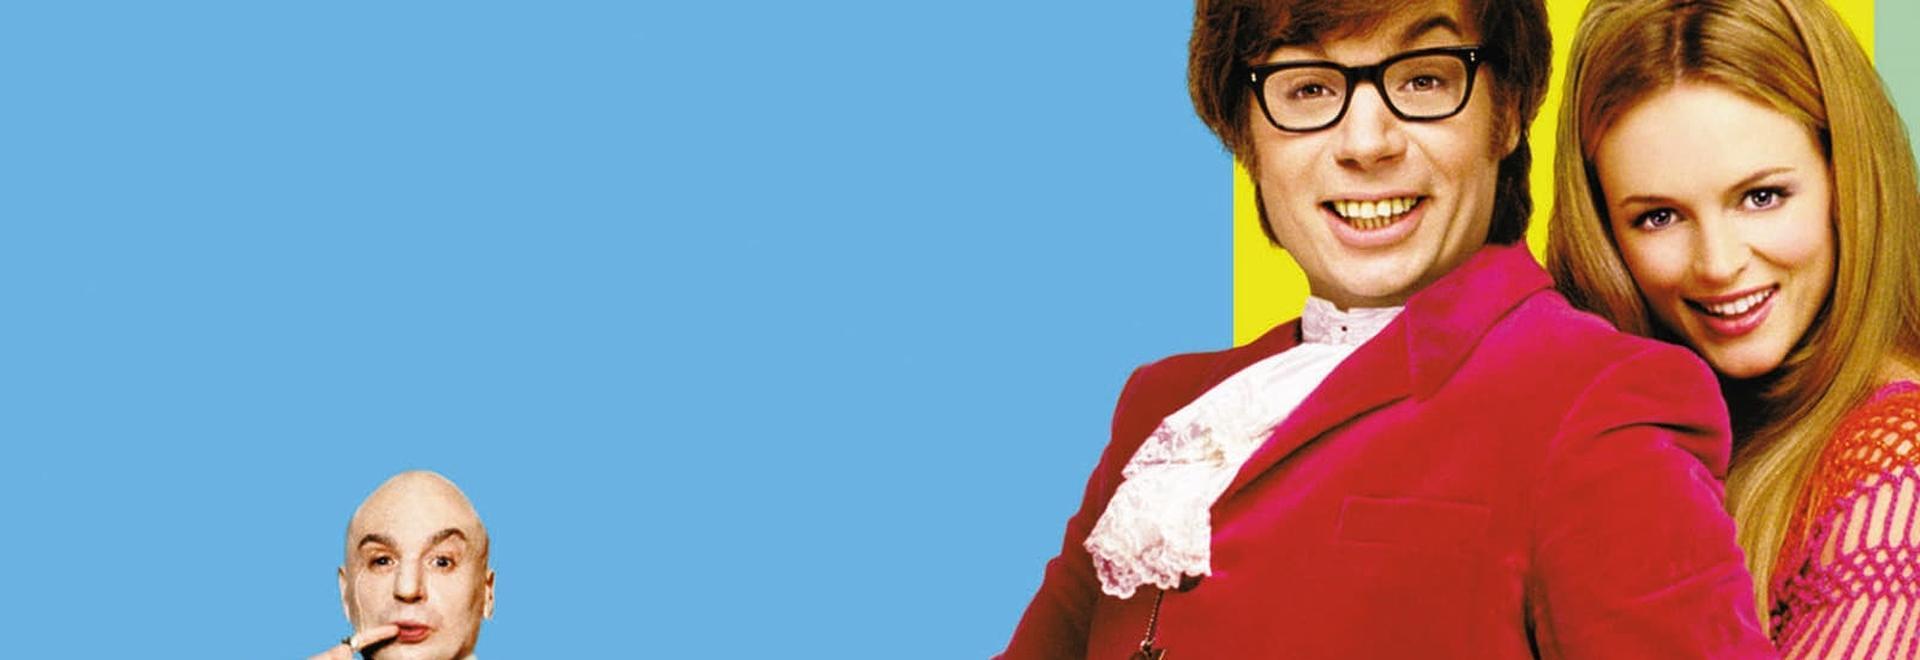 Austin Powers, la spia che ci provava